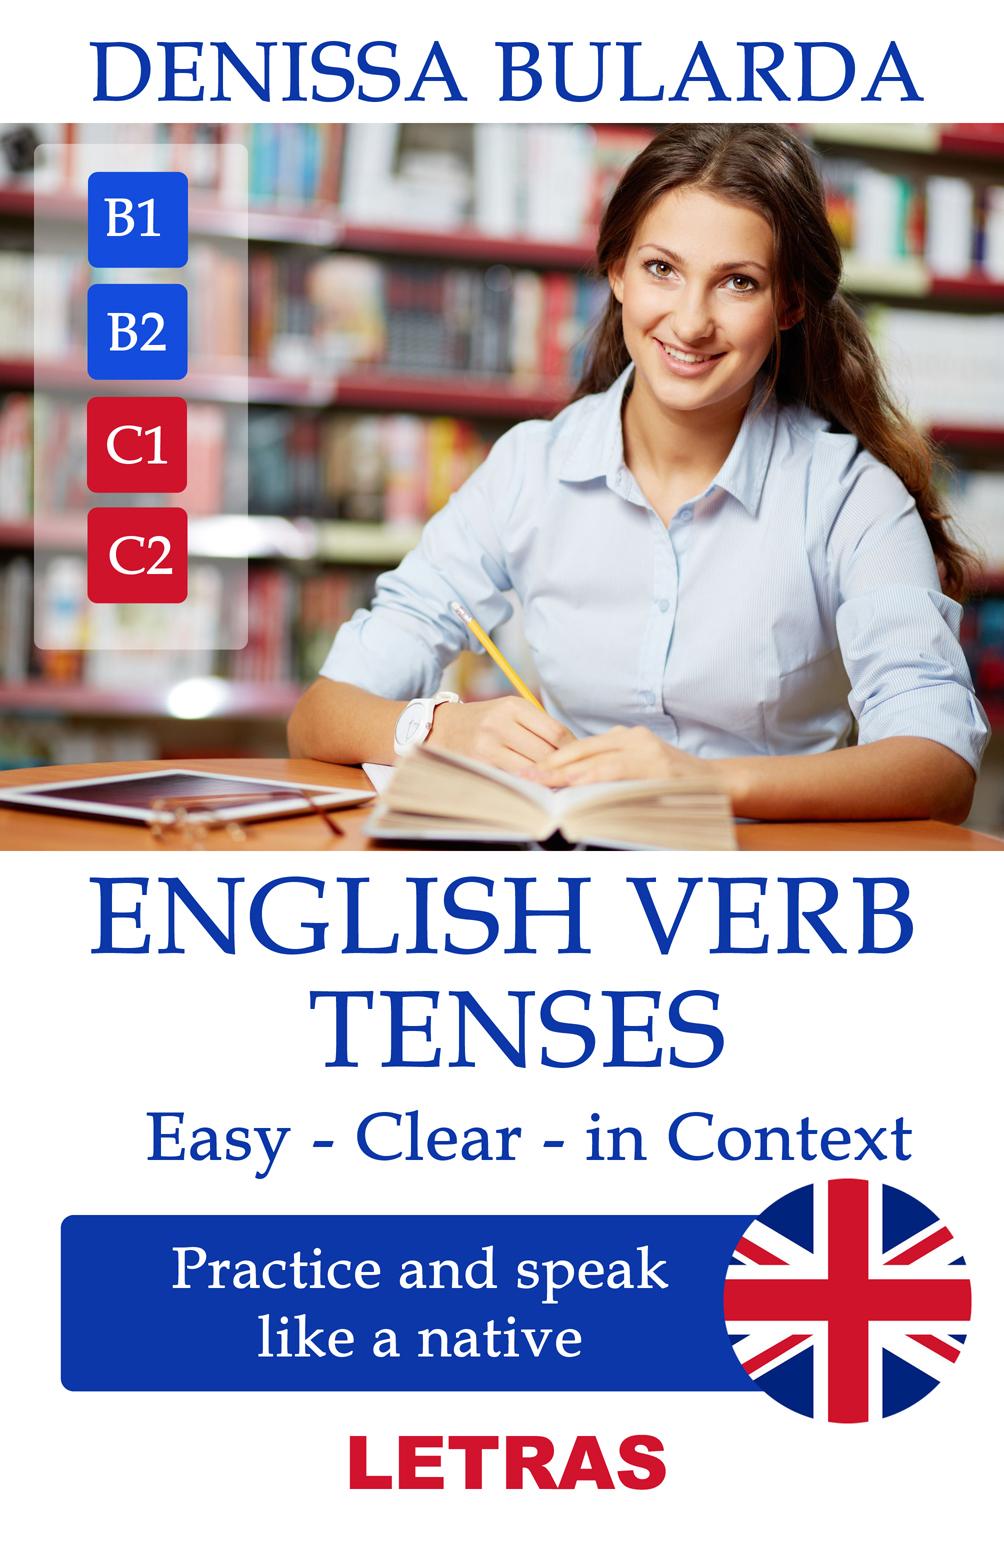 English Verb Tenses- Denissa Bularda 150